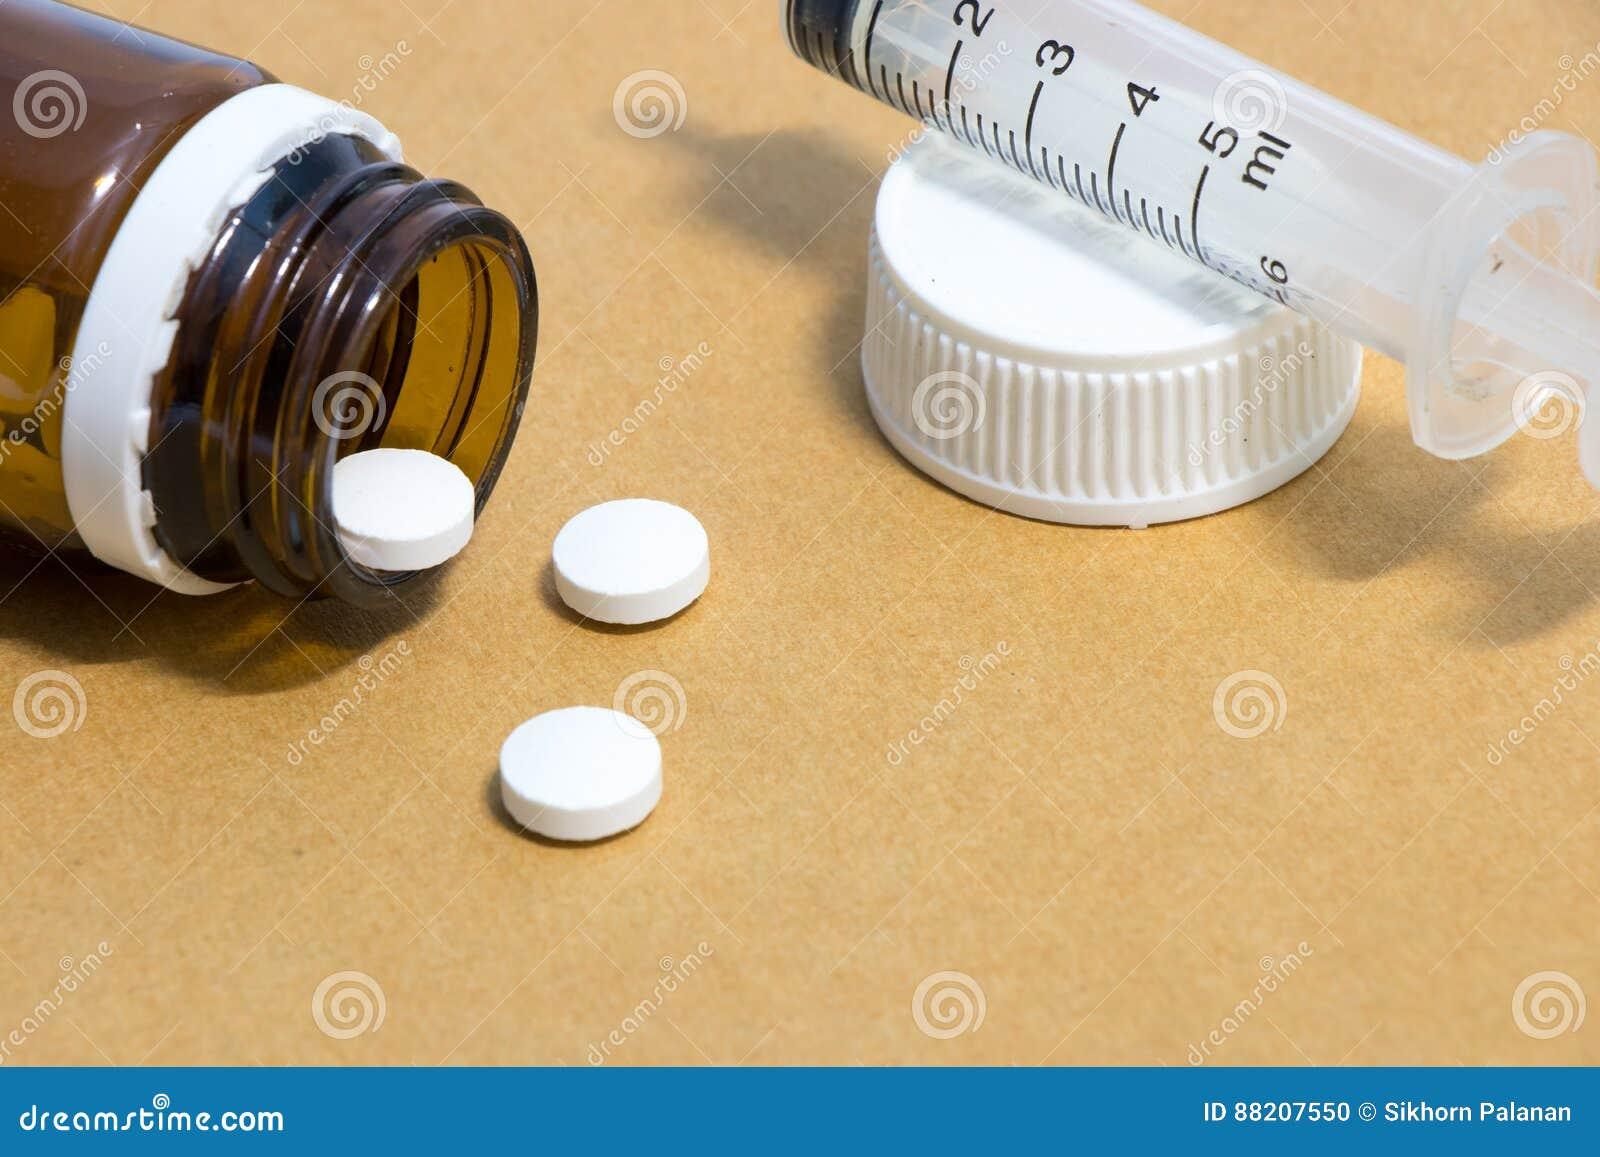 Mediciner i en flaska med injektionssprutan, medicinsk injektion